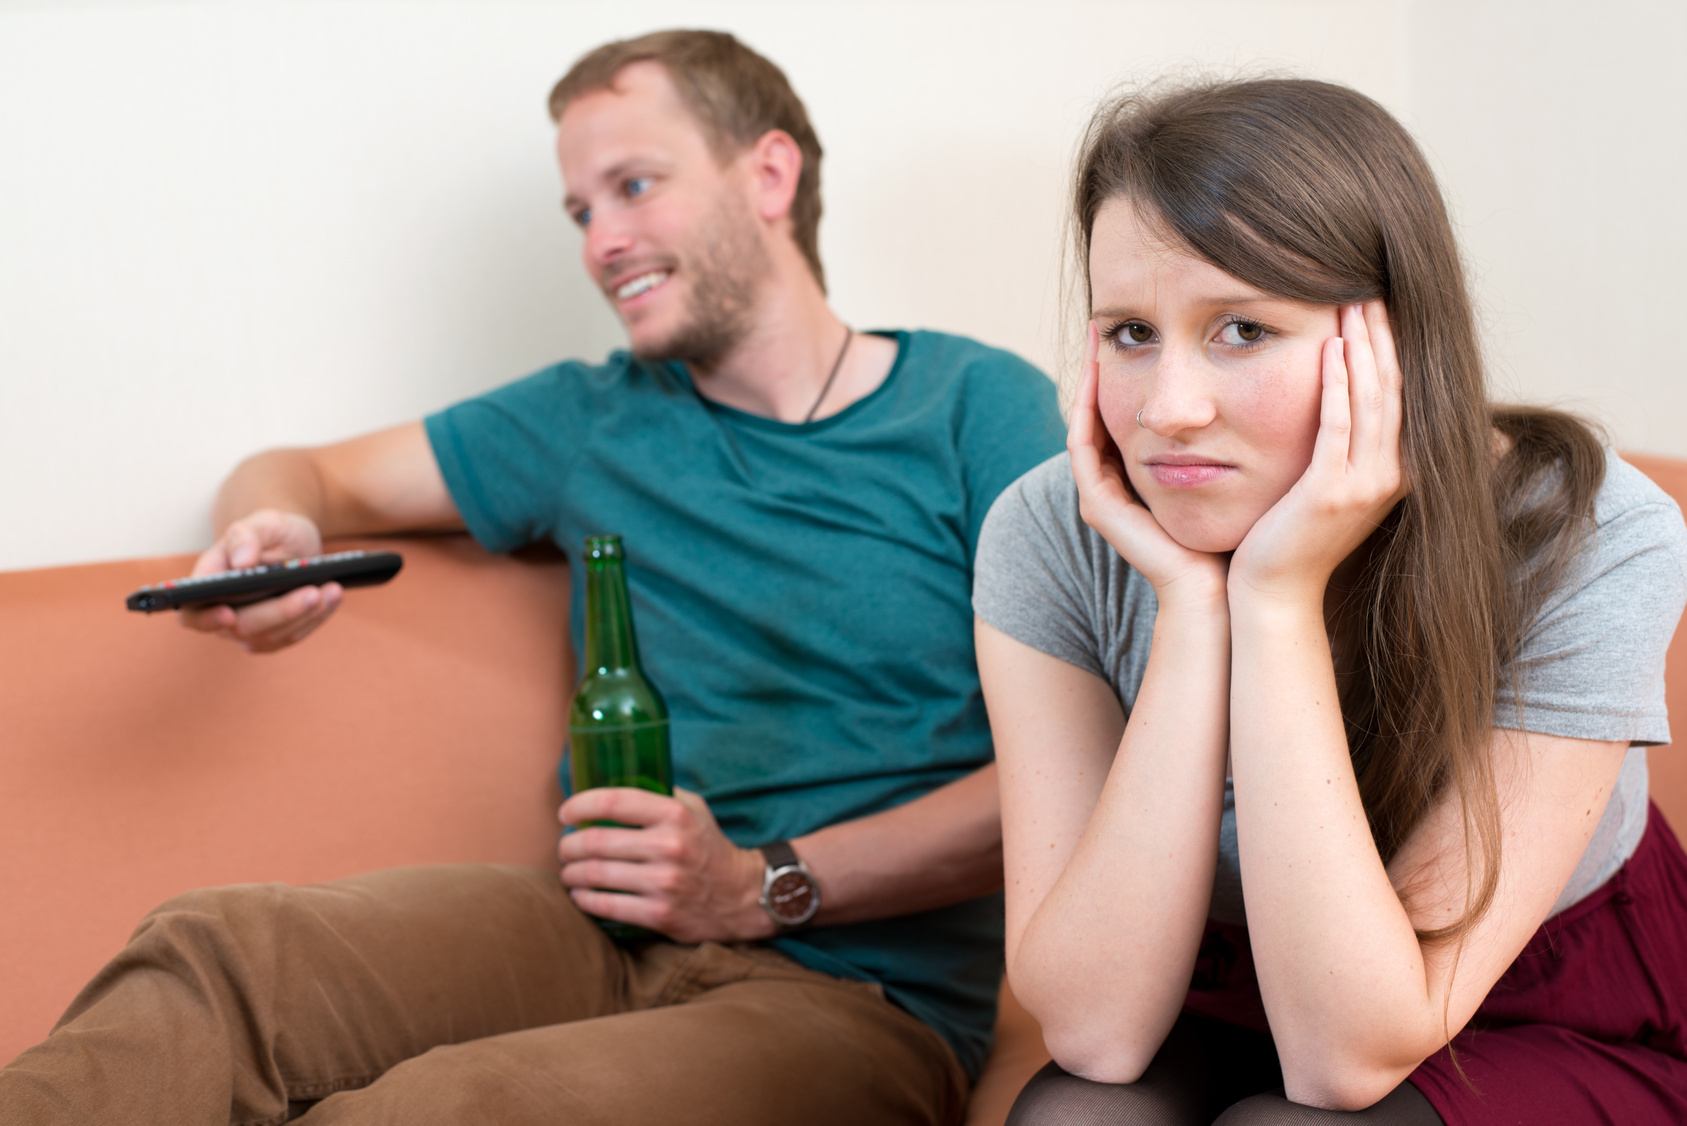 Resultado de imagem para casal controle da tv